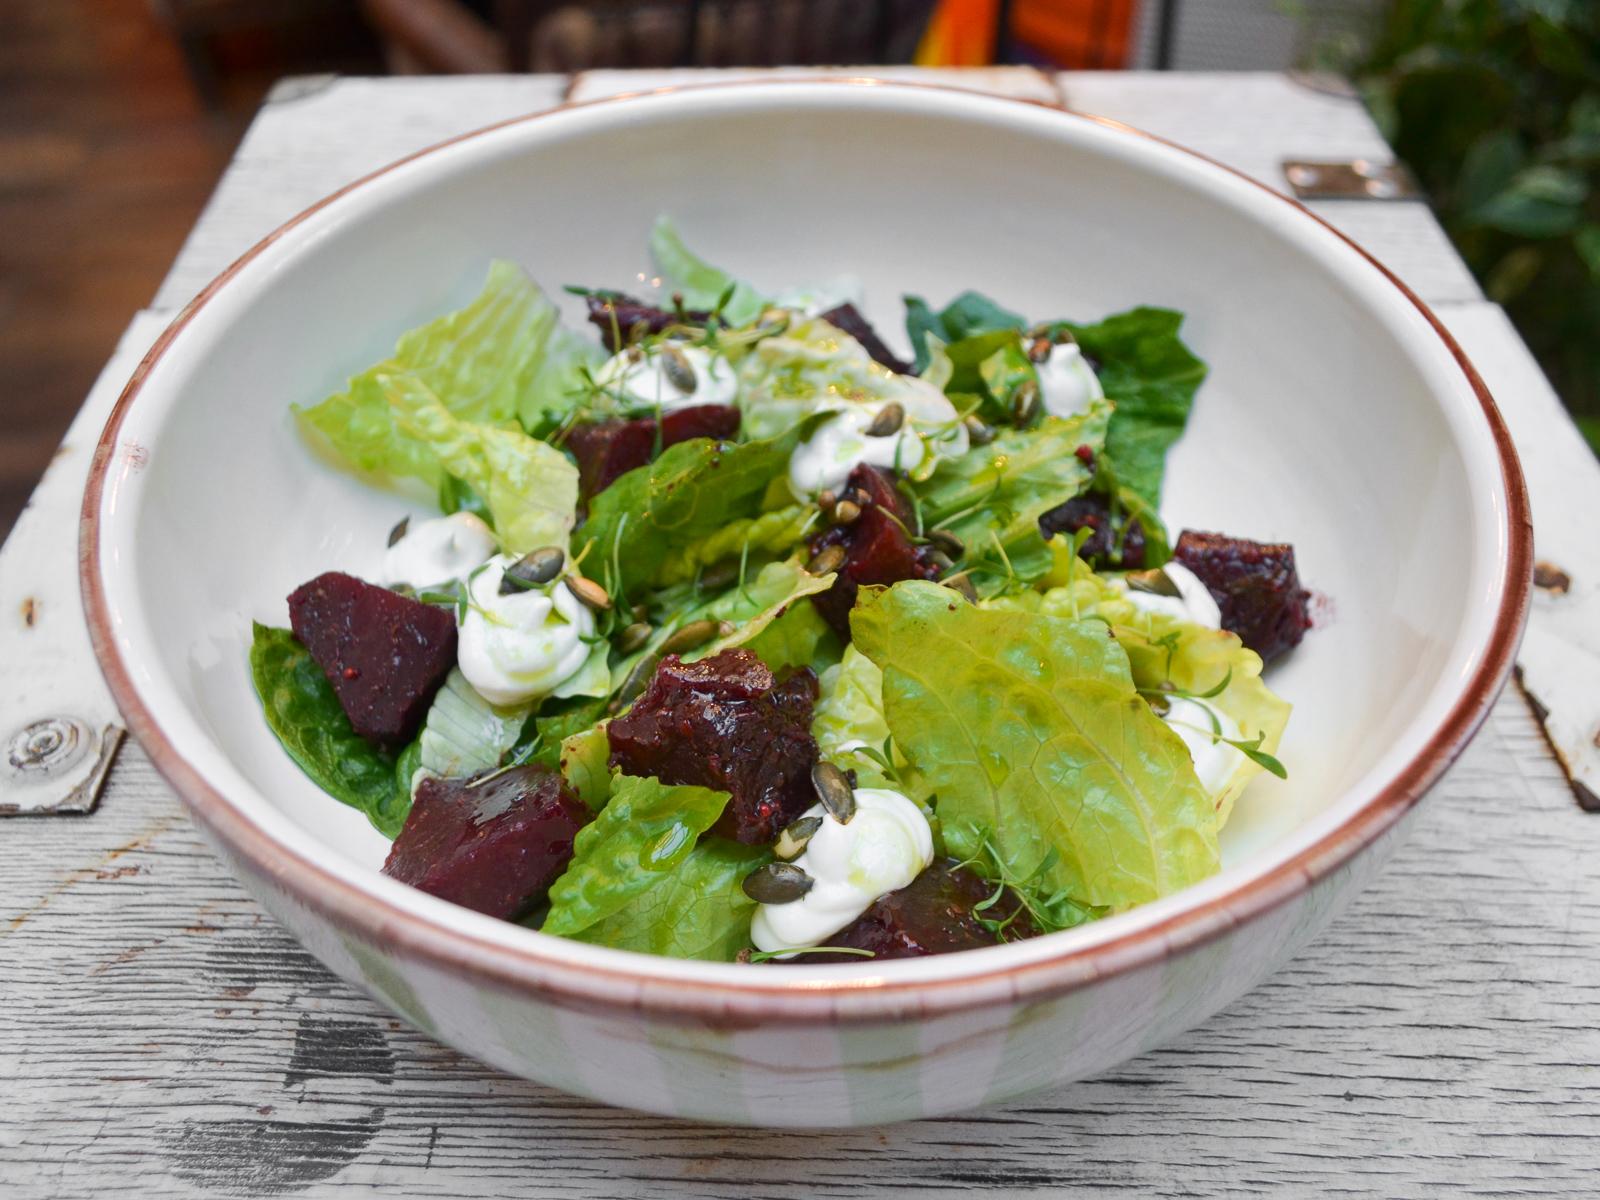 Салат из молодой свеклы с сырным кремом и мятой